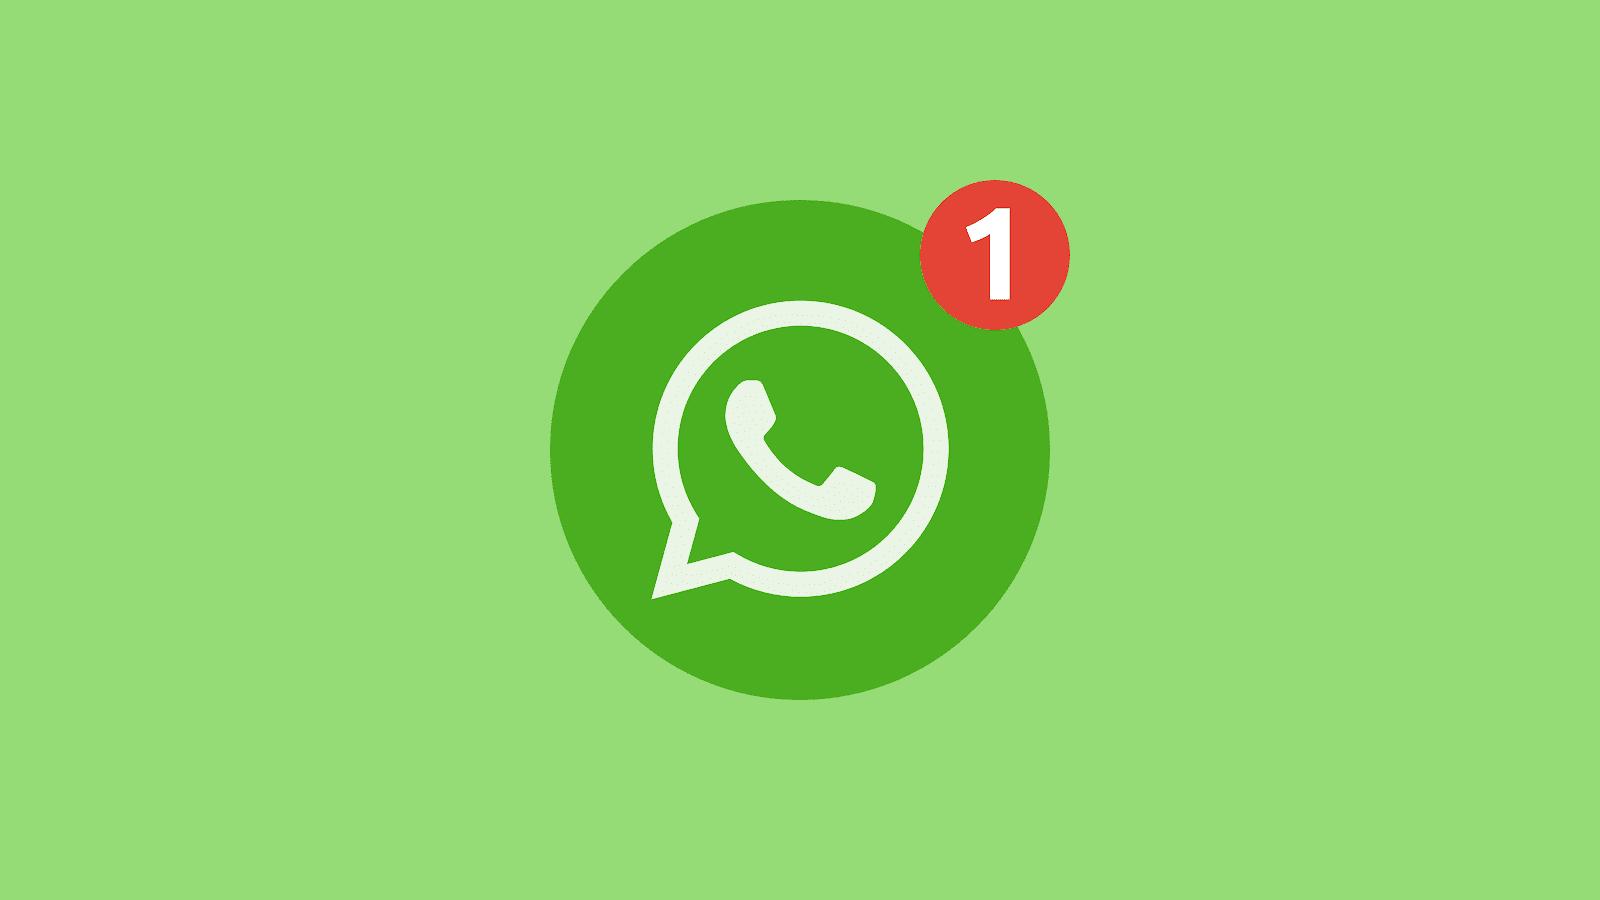 ماذا يحدث إذا أبلغت عن شخص ما وحظرته على WhatsApp؟